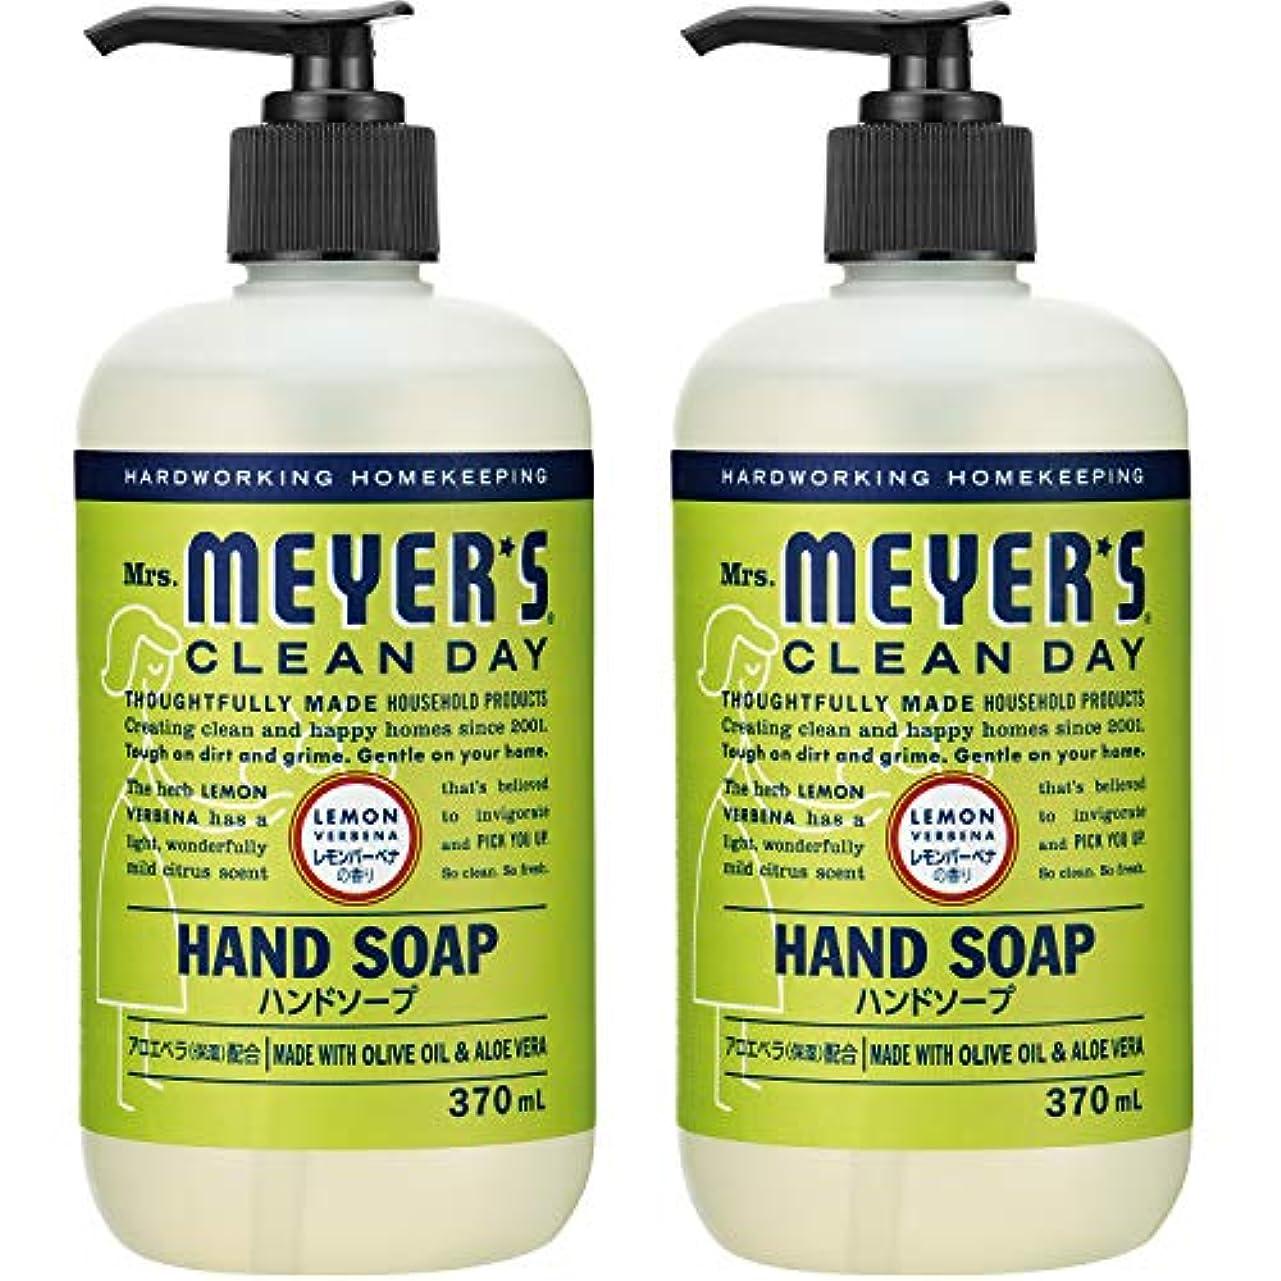 世論調査なに折るMrs. MEYER'S CLEAN DAY(ミセスマイヤーズ クリーンデイ) ミセスマイヤーズ クリーンデイ(Mrs.Meyers Clean Day) ハンドソープ レモンバーベナの香り 370ml×2個